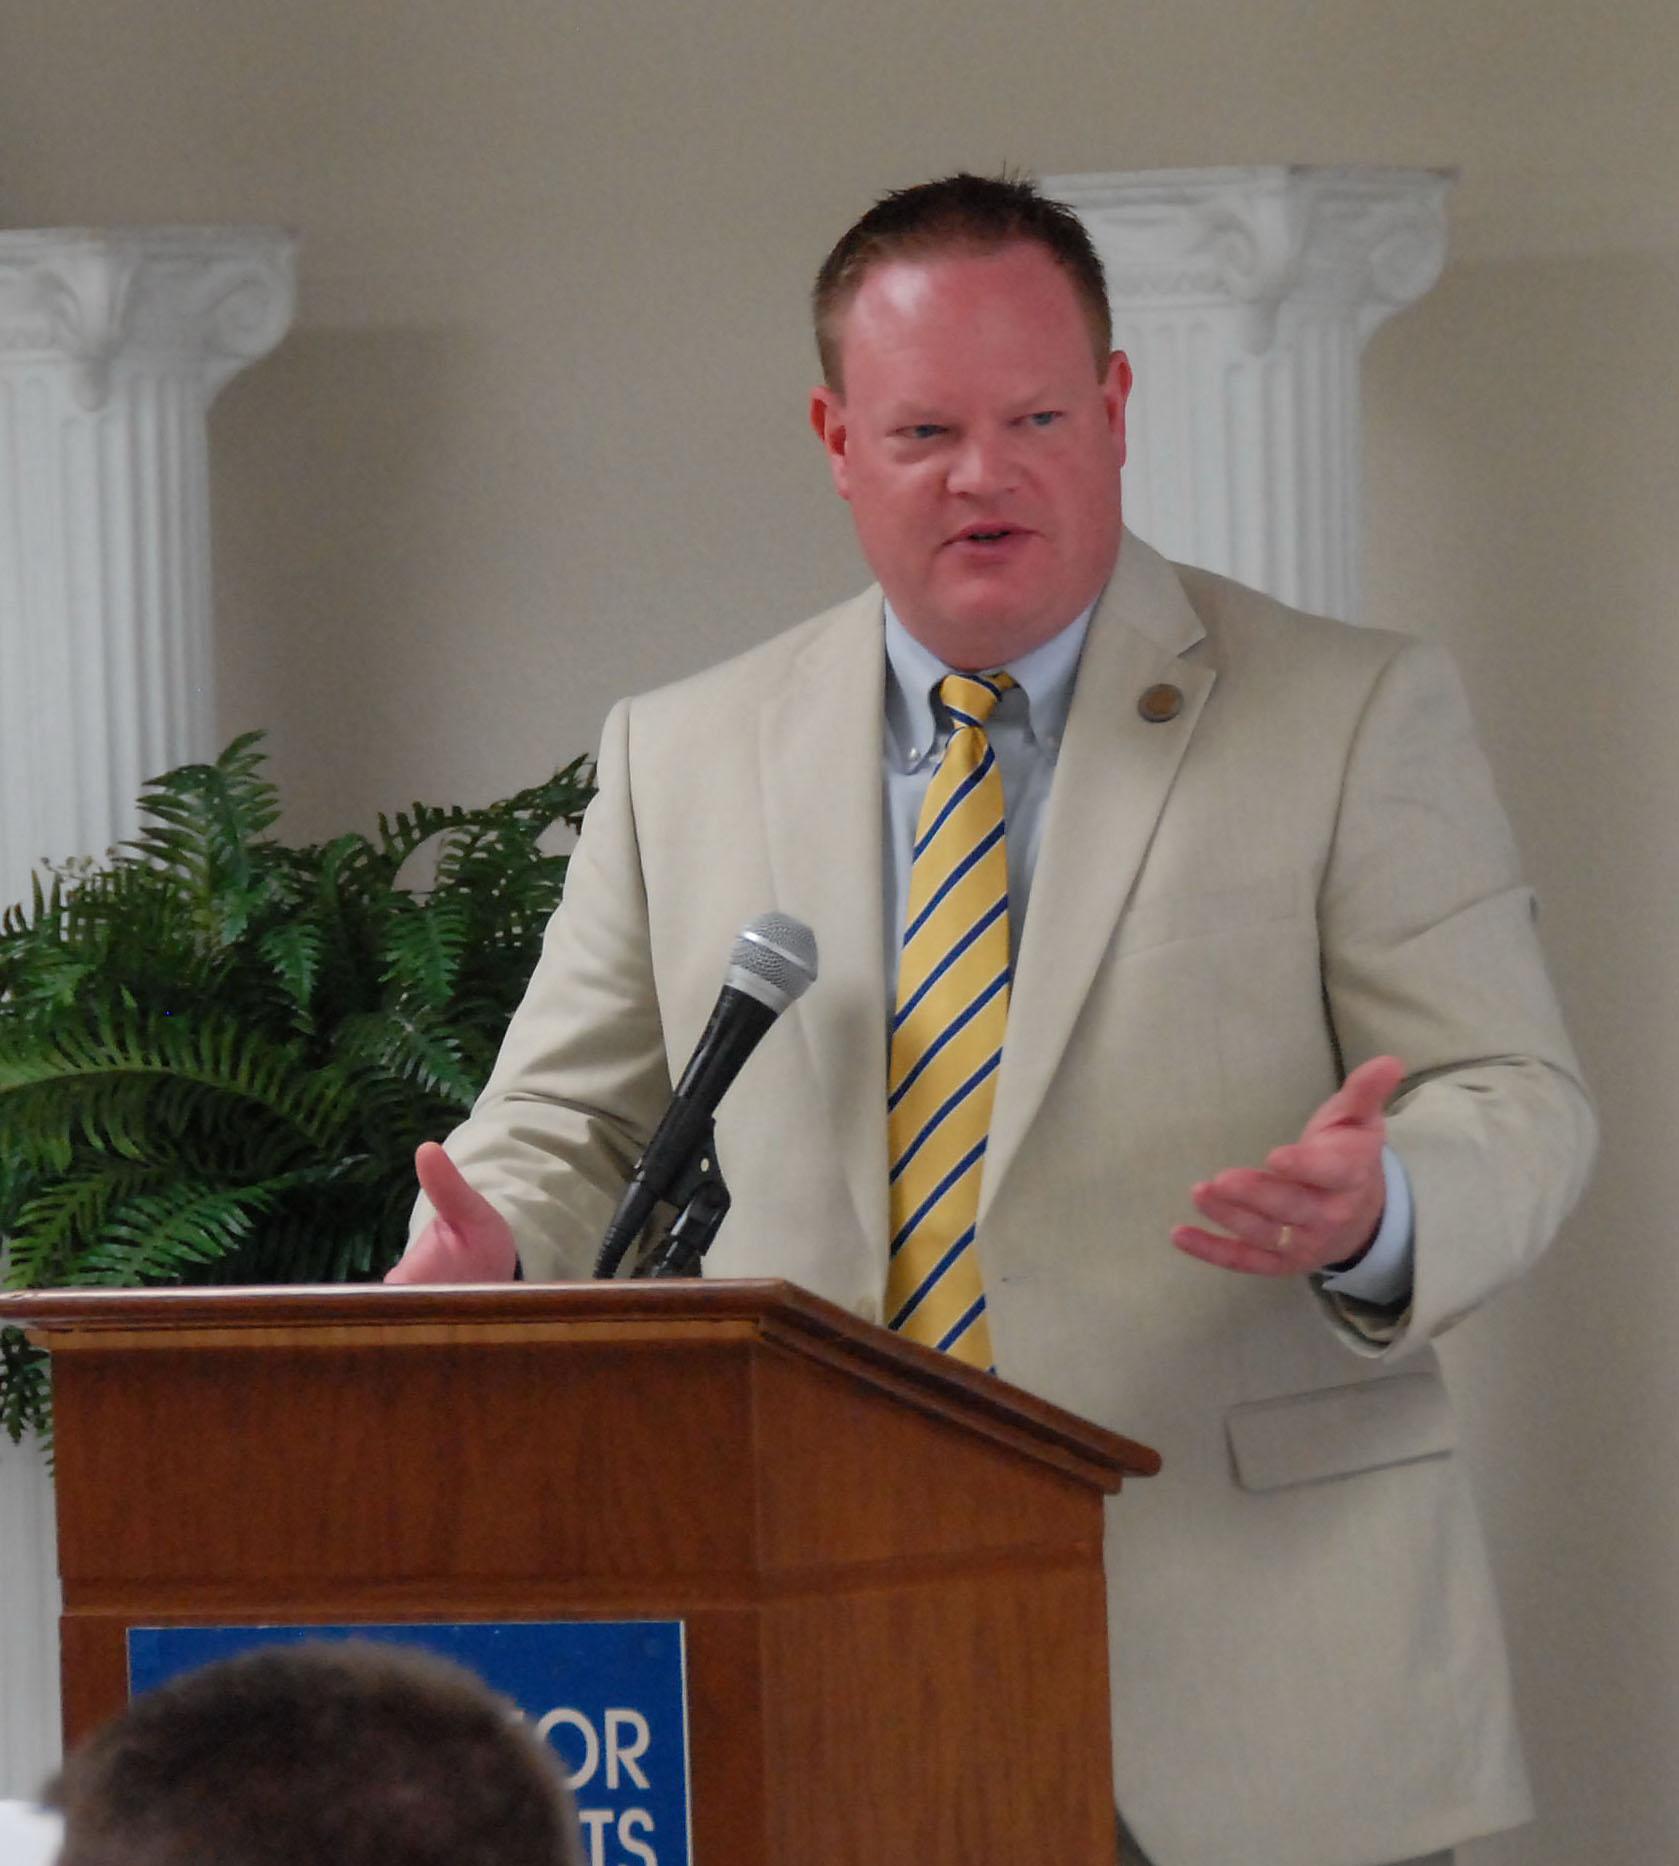 Rogers Mayor Greg Hines